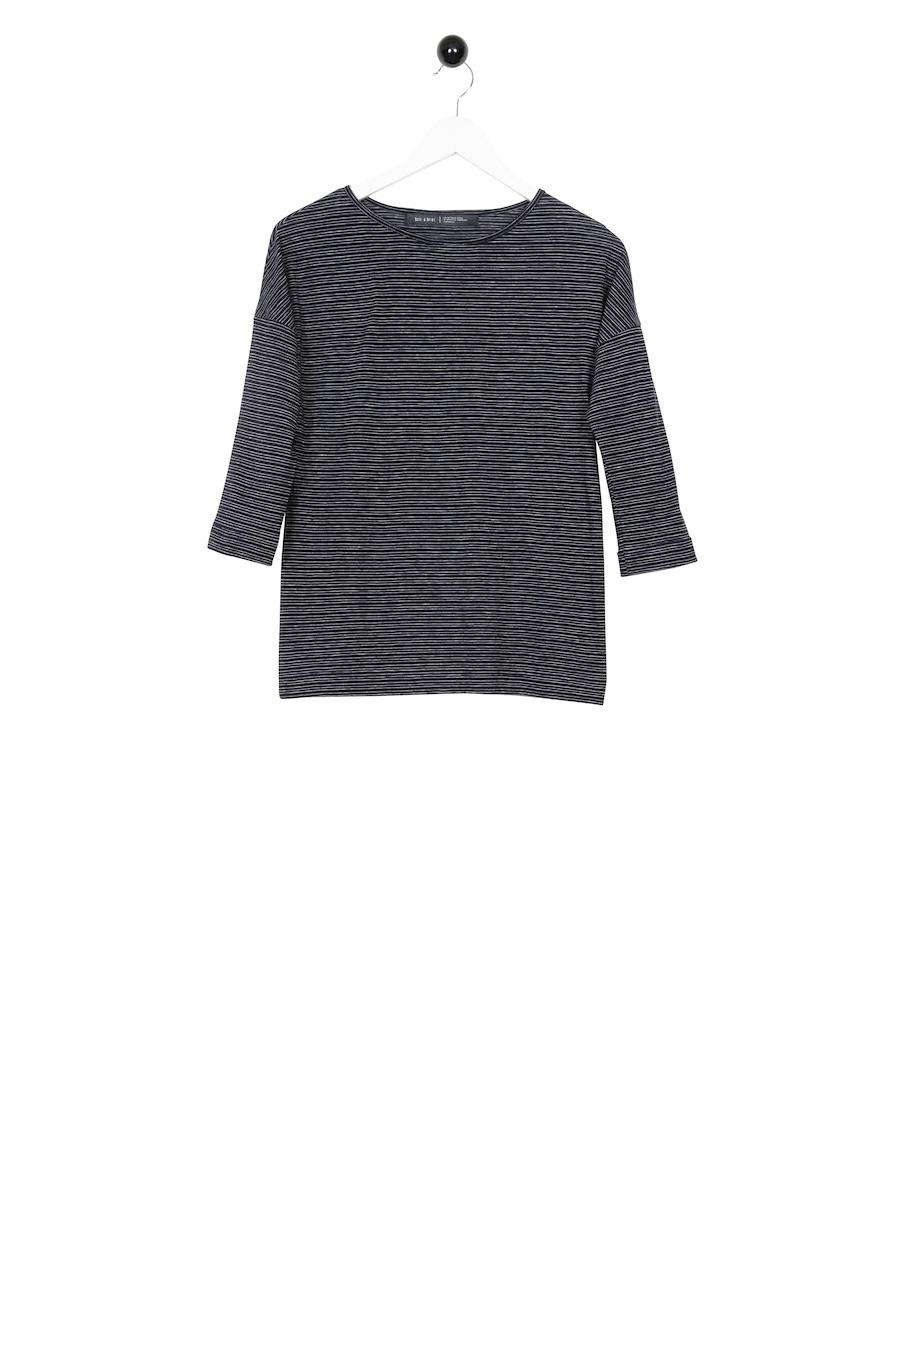 Antracit Sweater